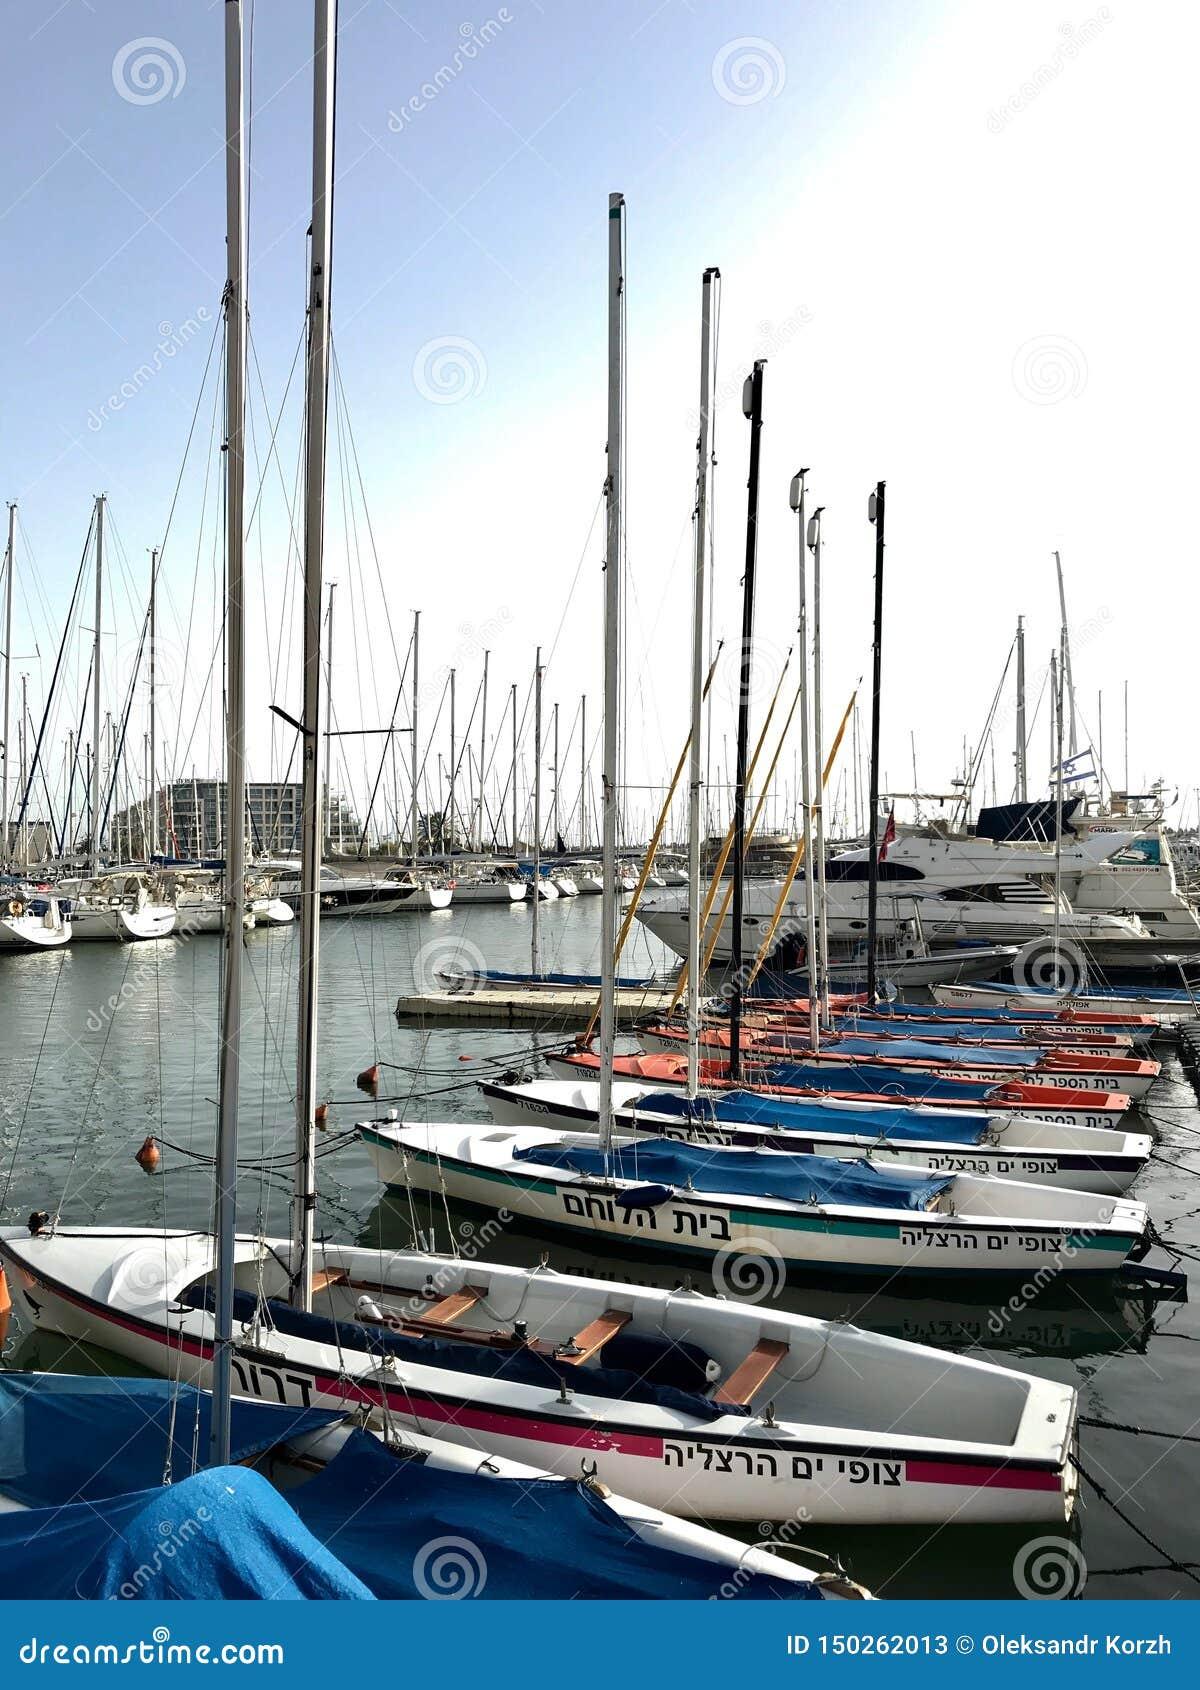 Navio bonito do iate amarrado no porto com outros barcos no mar salgado azul